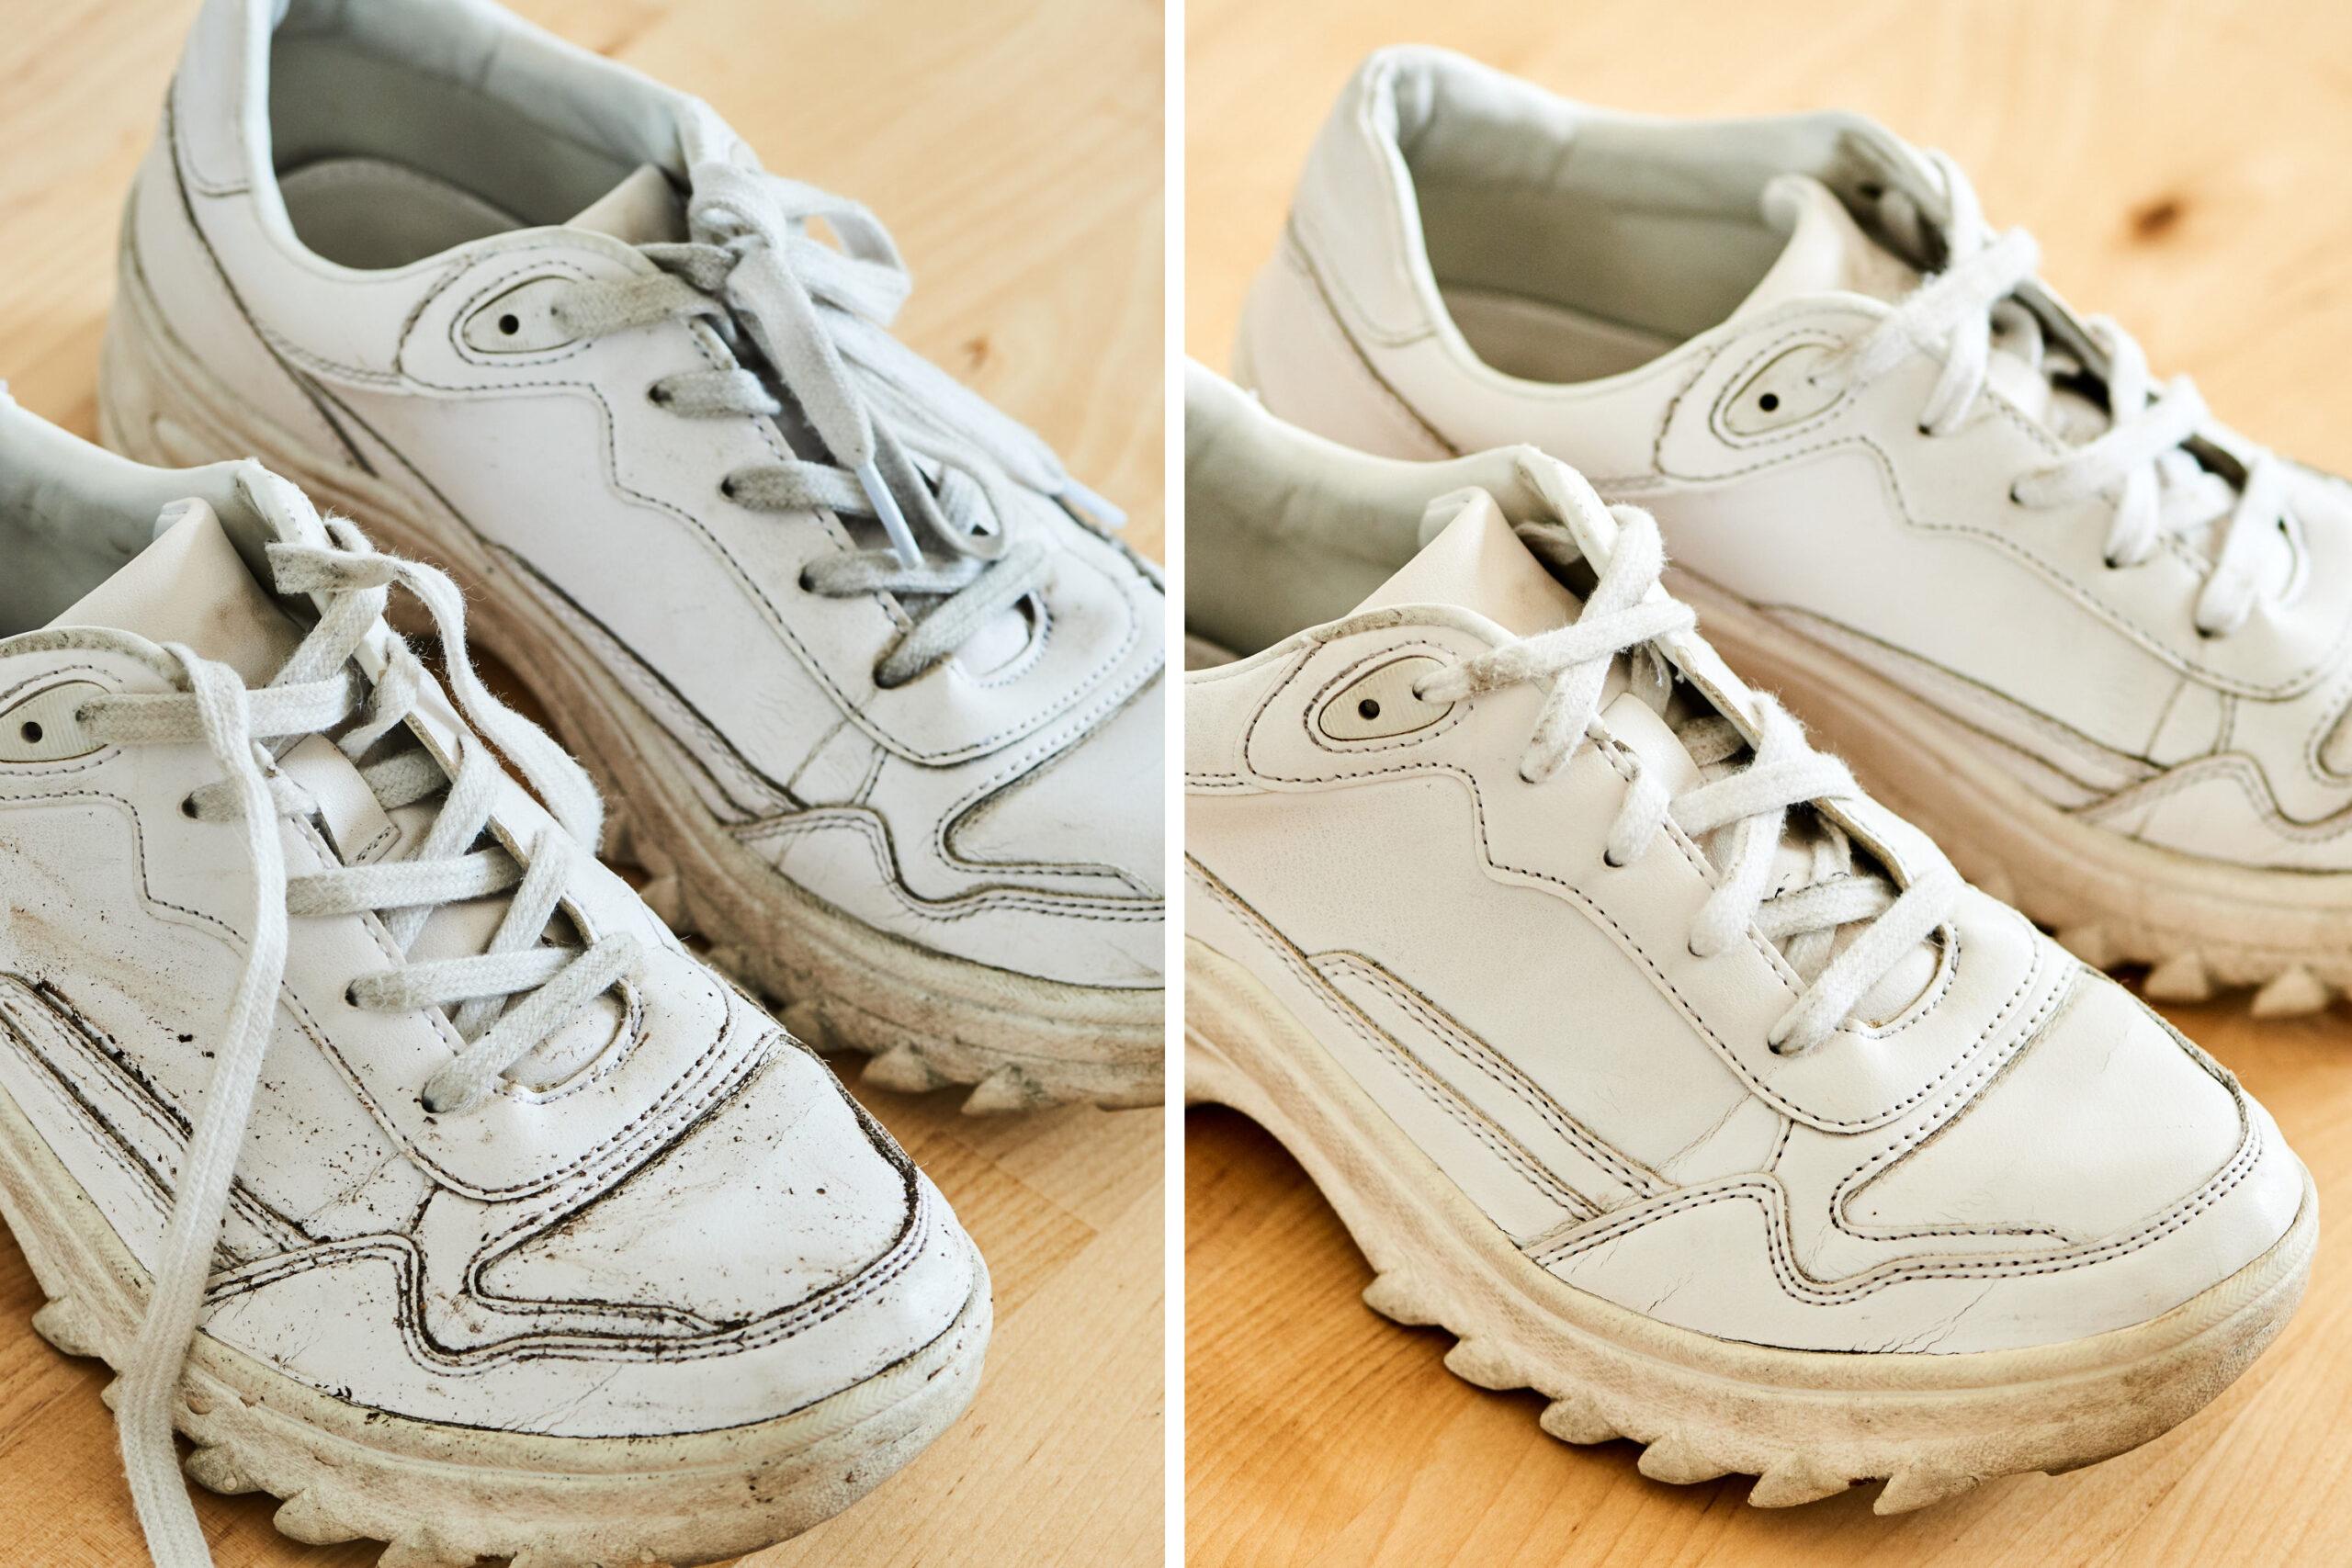 Consejos y trucos para limpiar calzado blanco